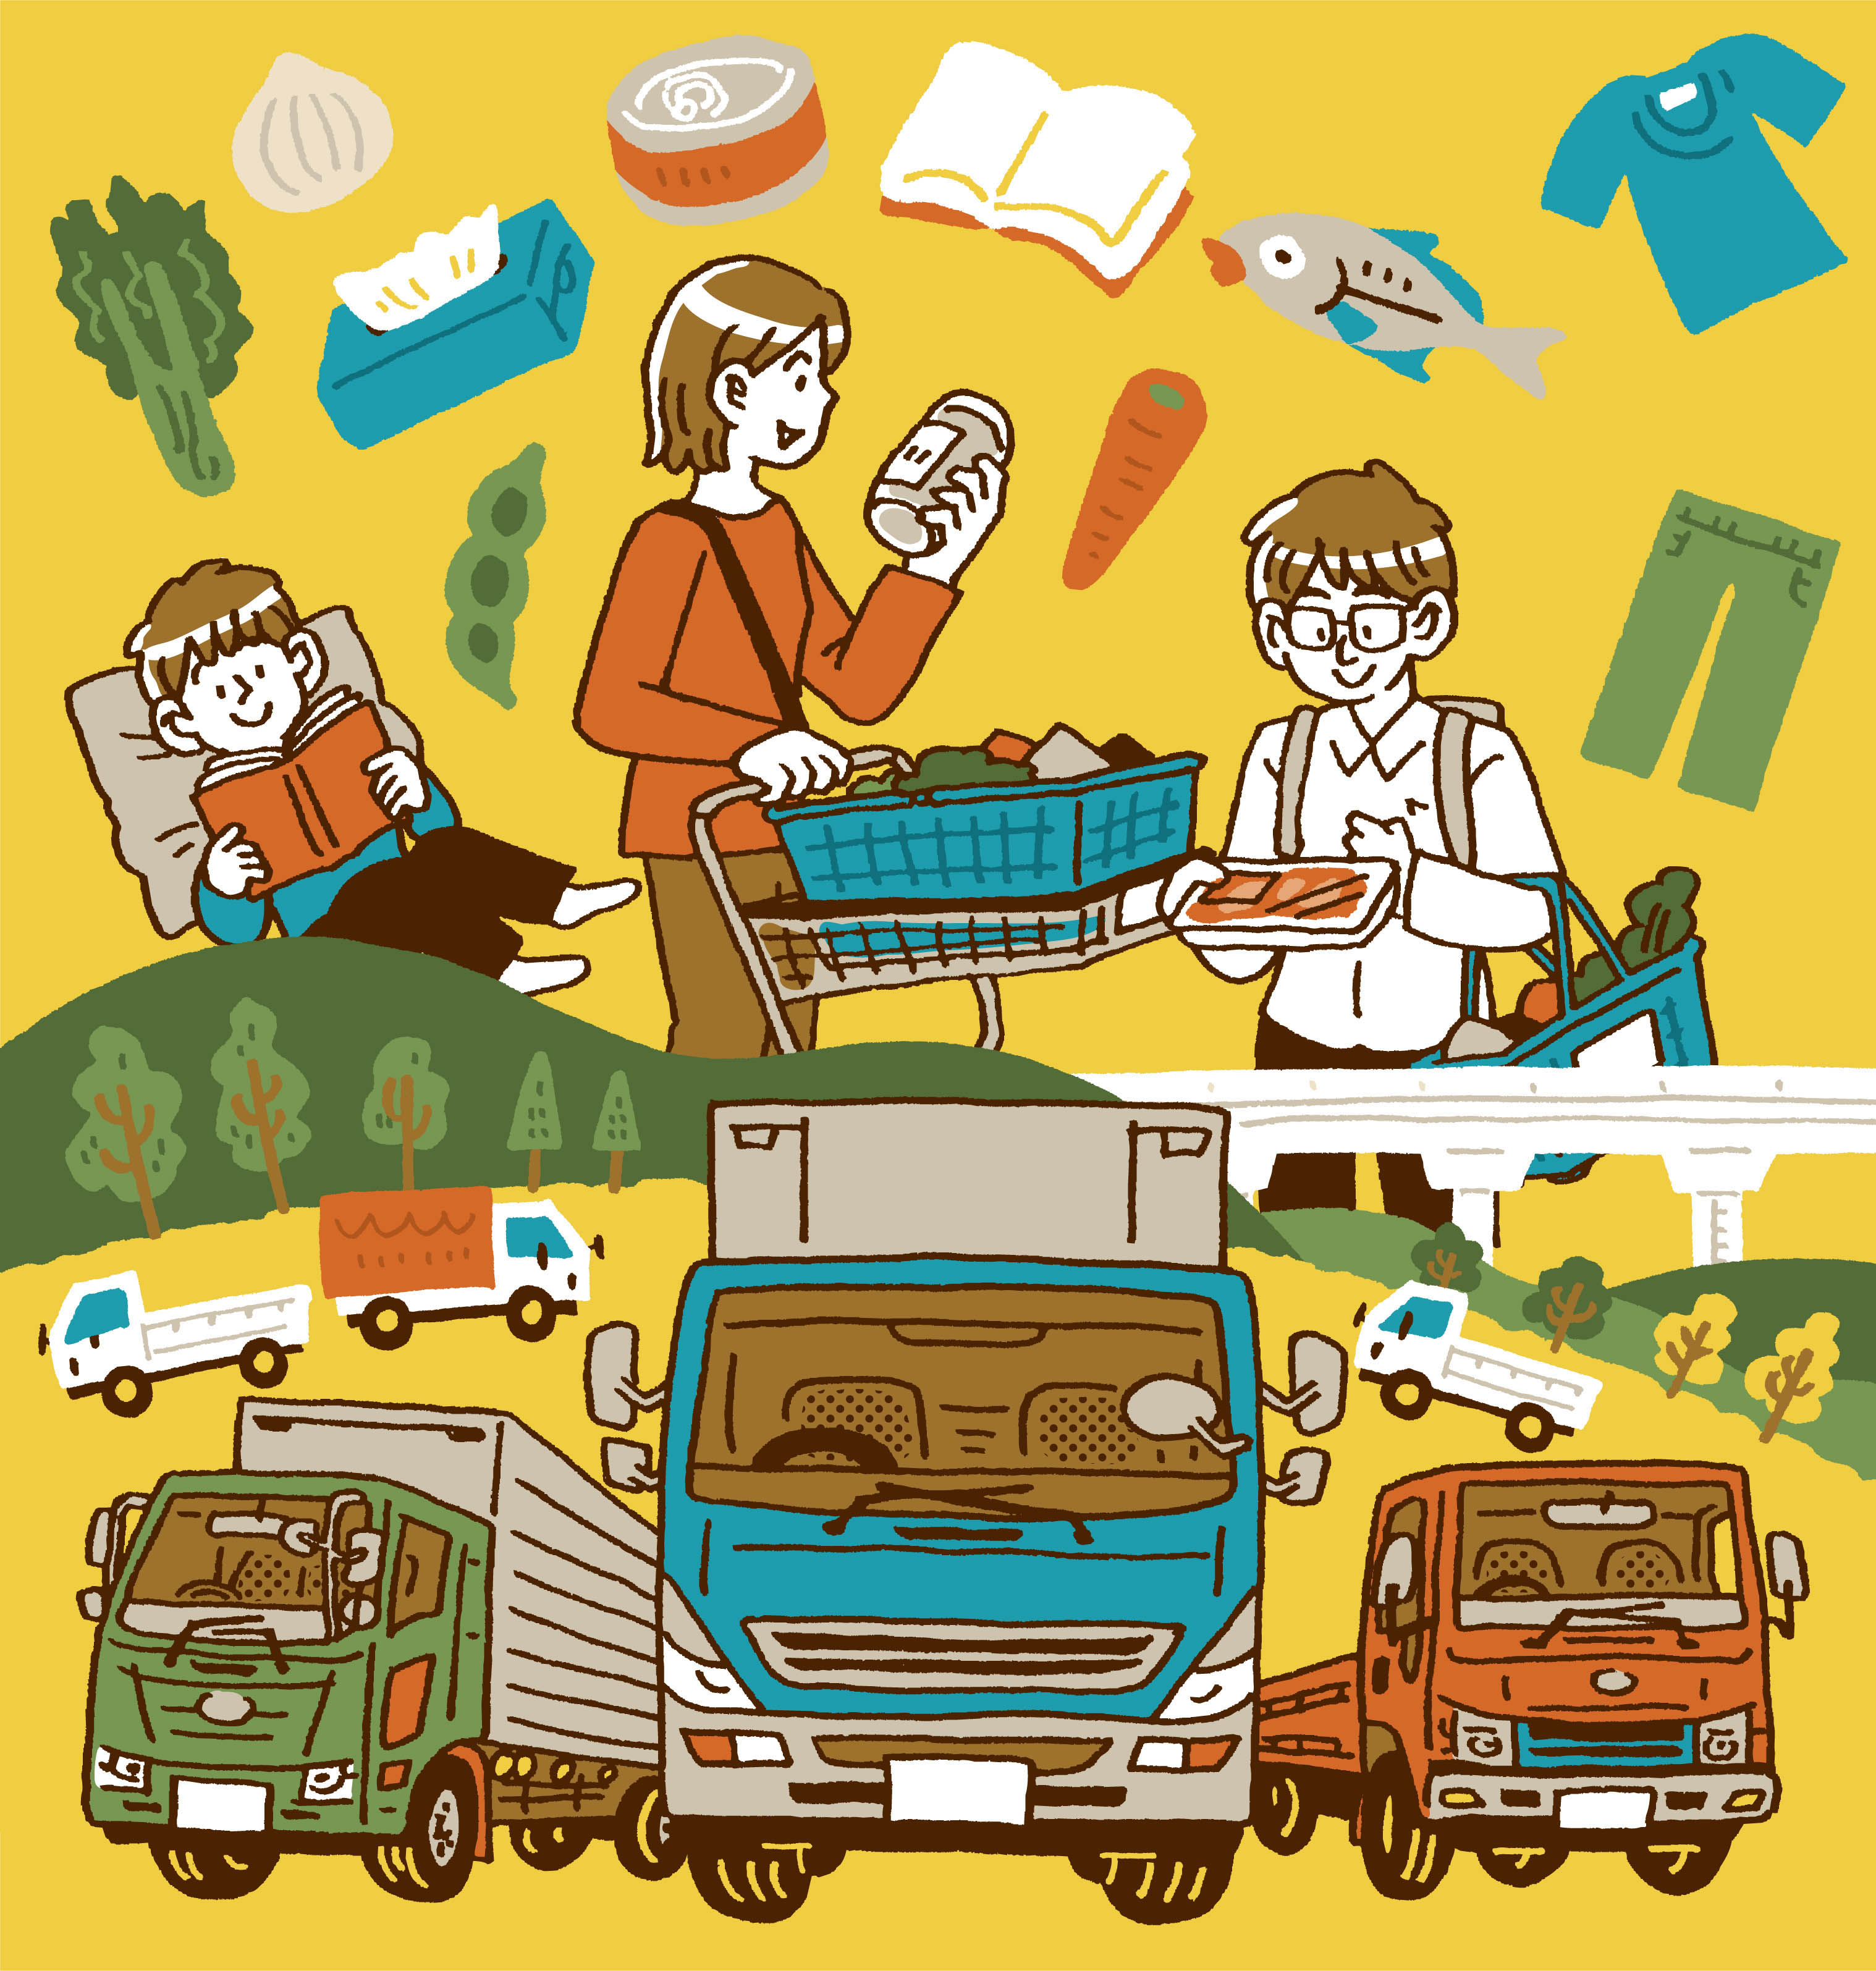 トラックが支える人々の暮らし